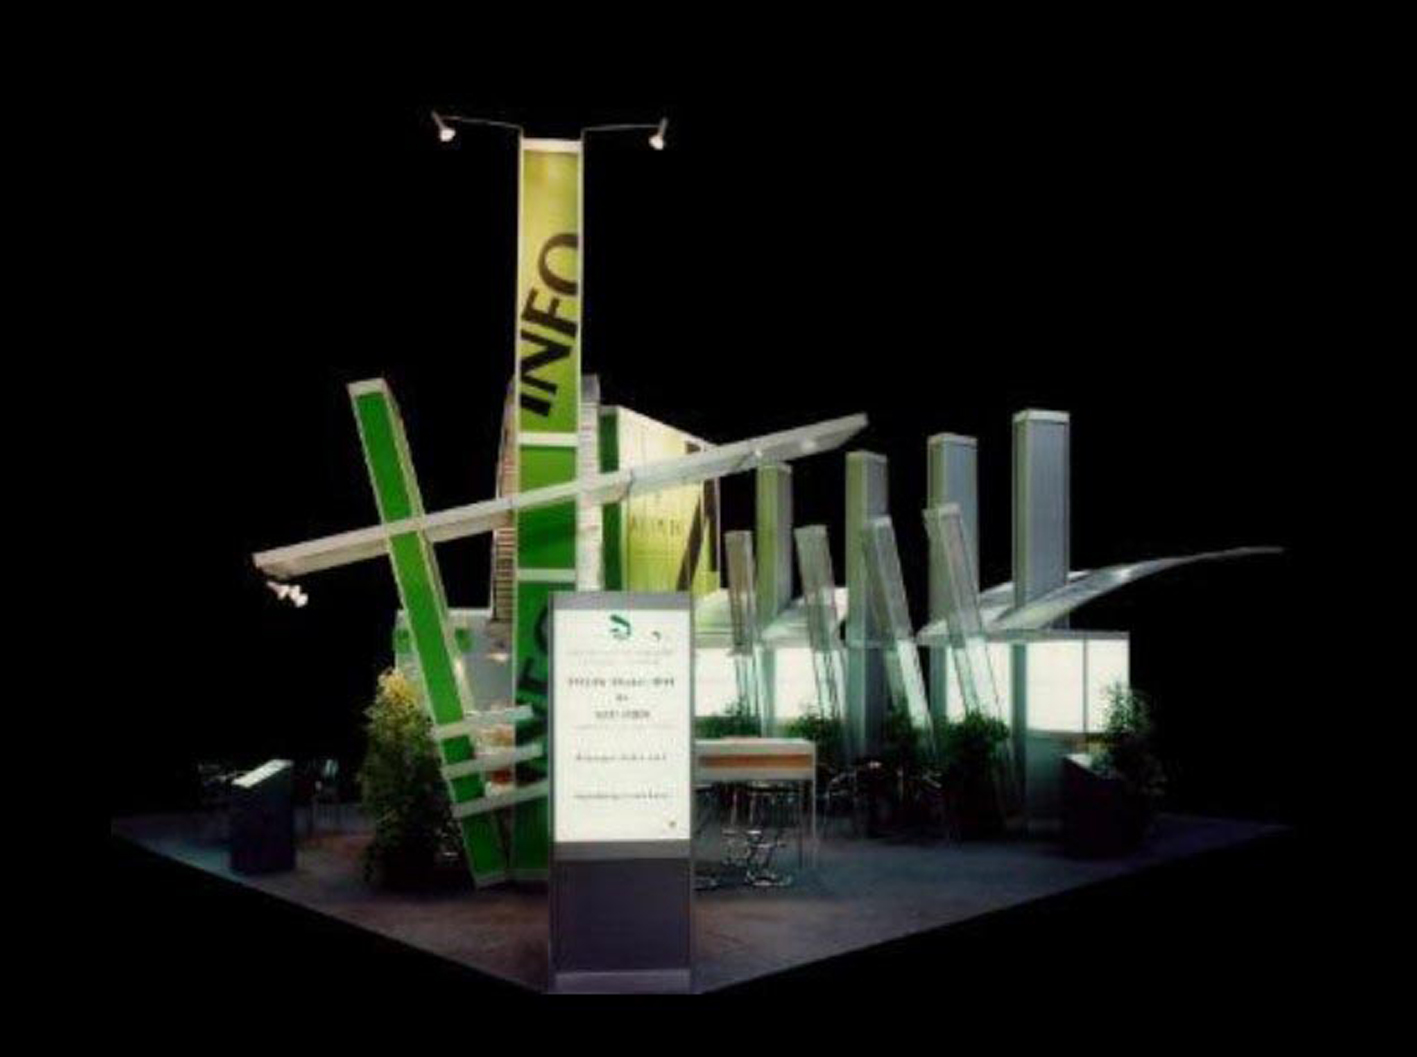 04 Inselstand mit futuristischem Design, sehr schräg, hat viel Aufmerksamkeit erregt